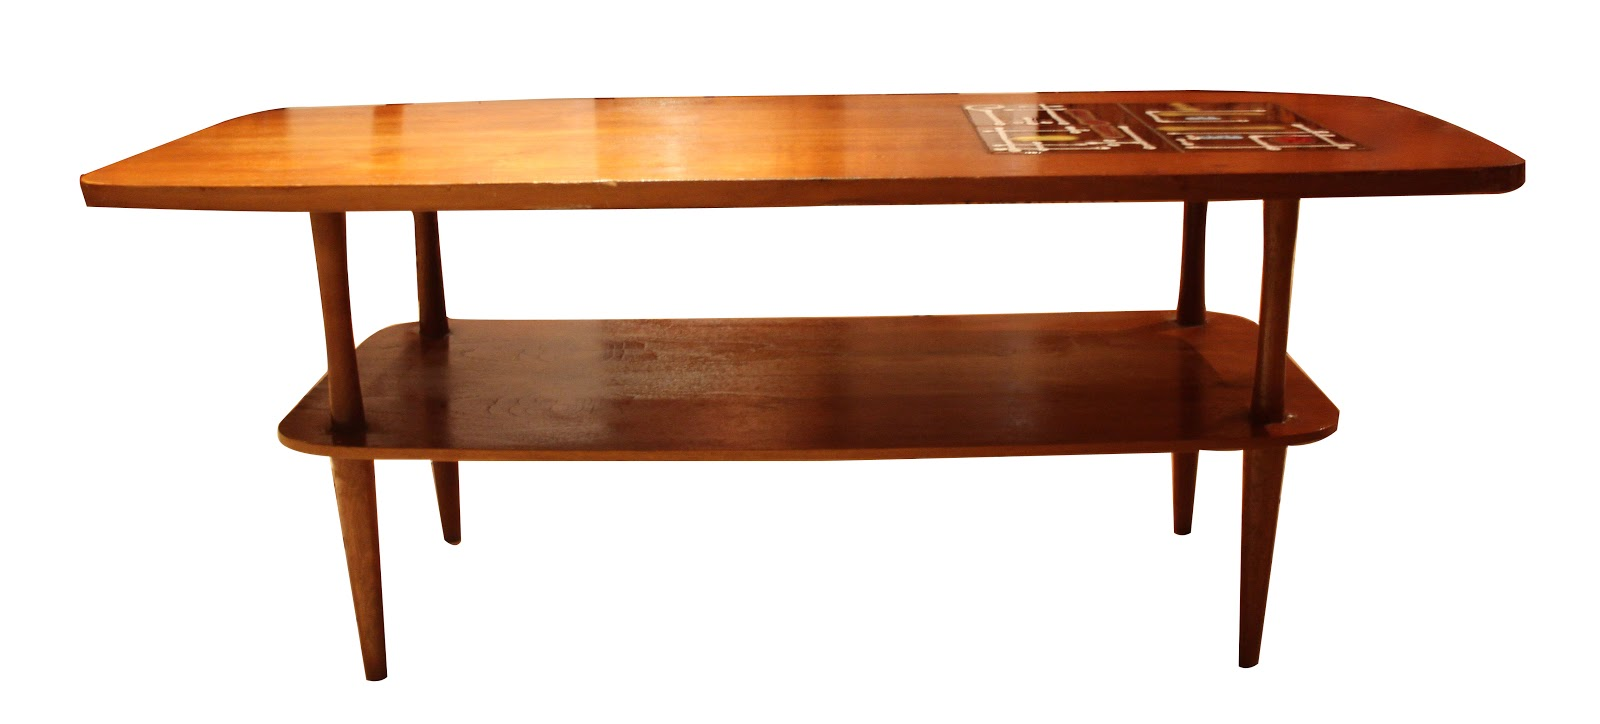 chicbaazar objets vintage 50 60 70 table scandinave teck. Black Bedroom Furniture Sets. Home Design Ideas